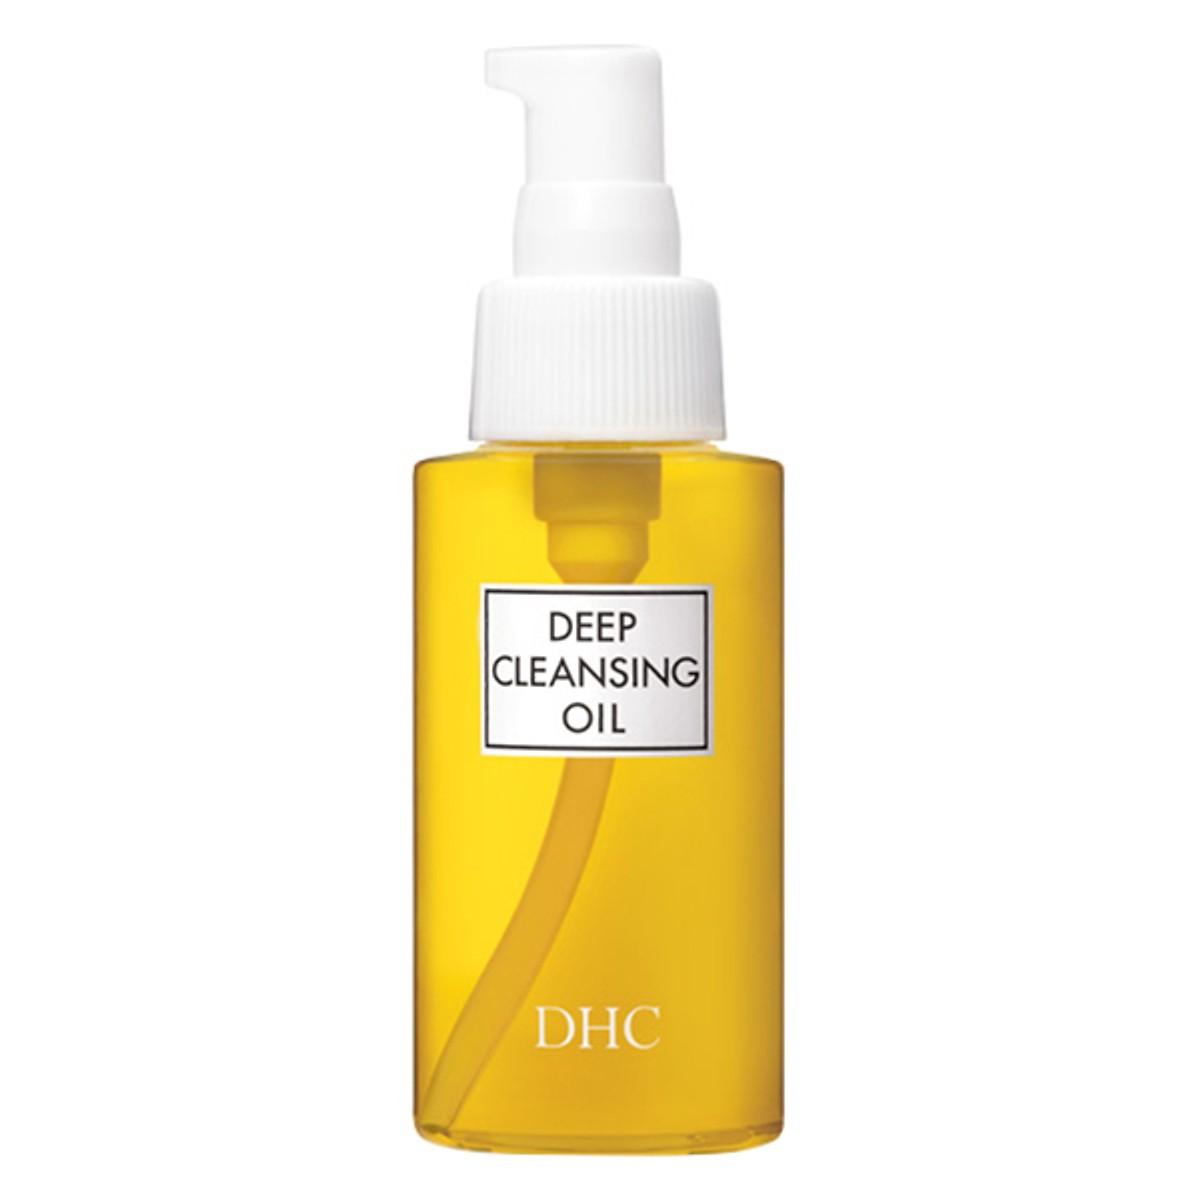 Dầu tẩy trang DHC Deep Cleansing Oil SS 150ml